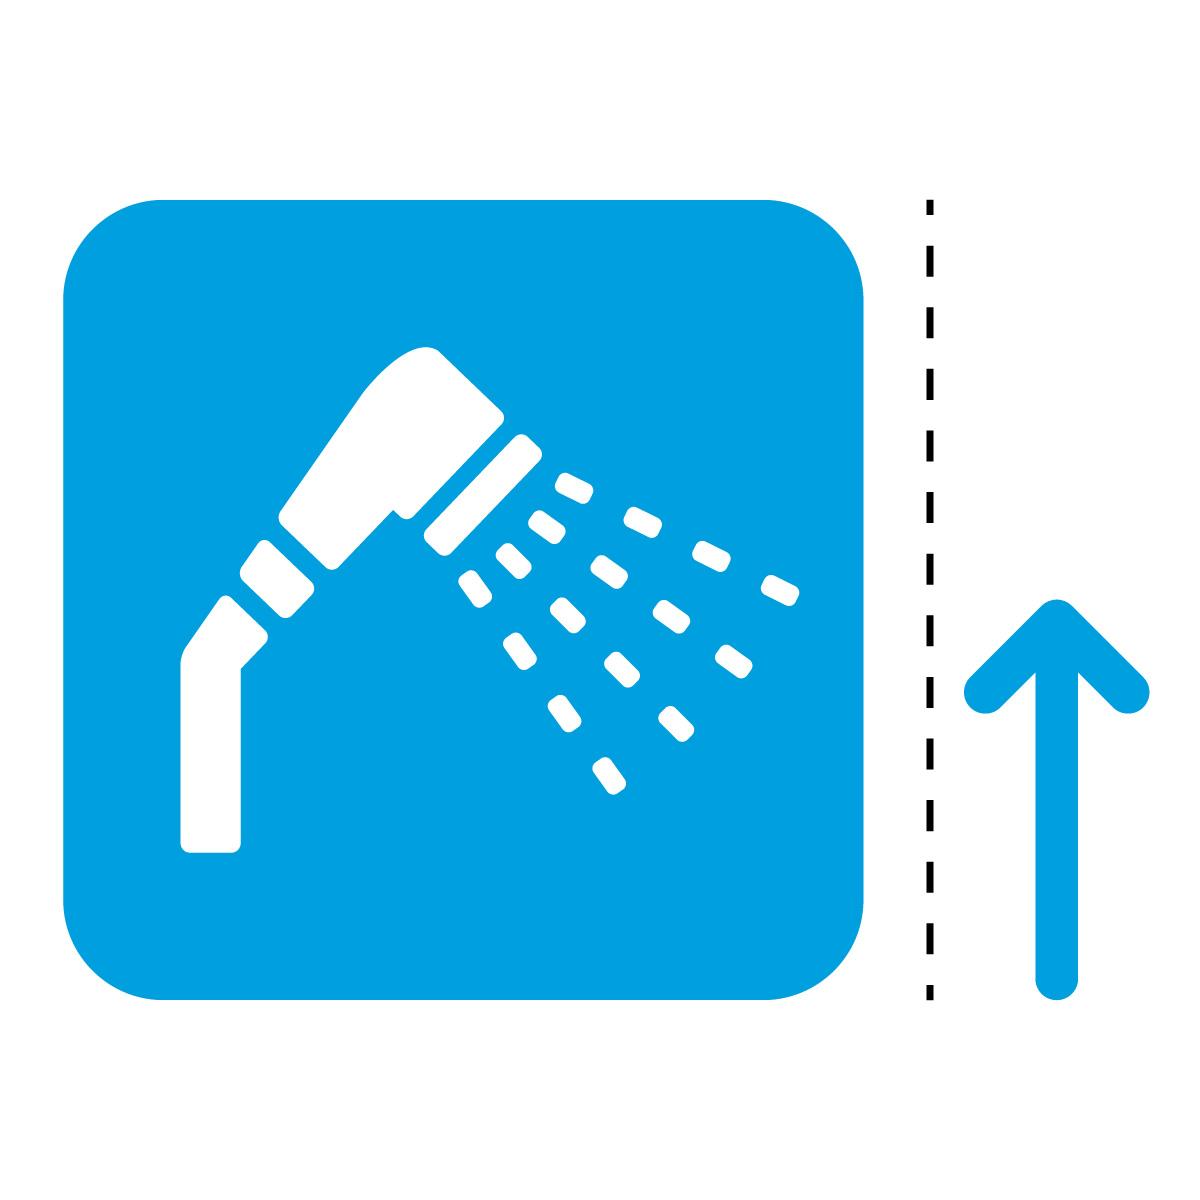 青色のシャワールーム案内マーク(矢印付き)のカッティングステッカー